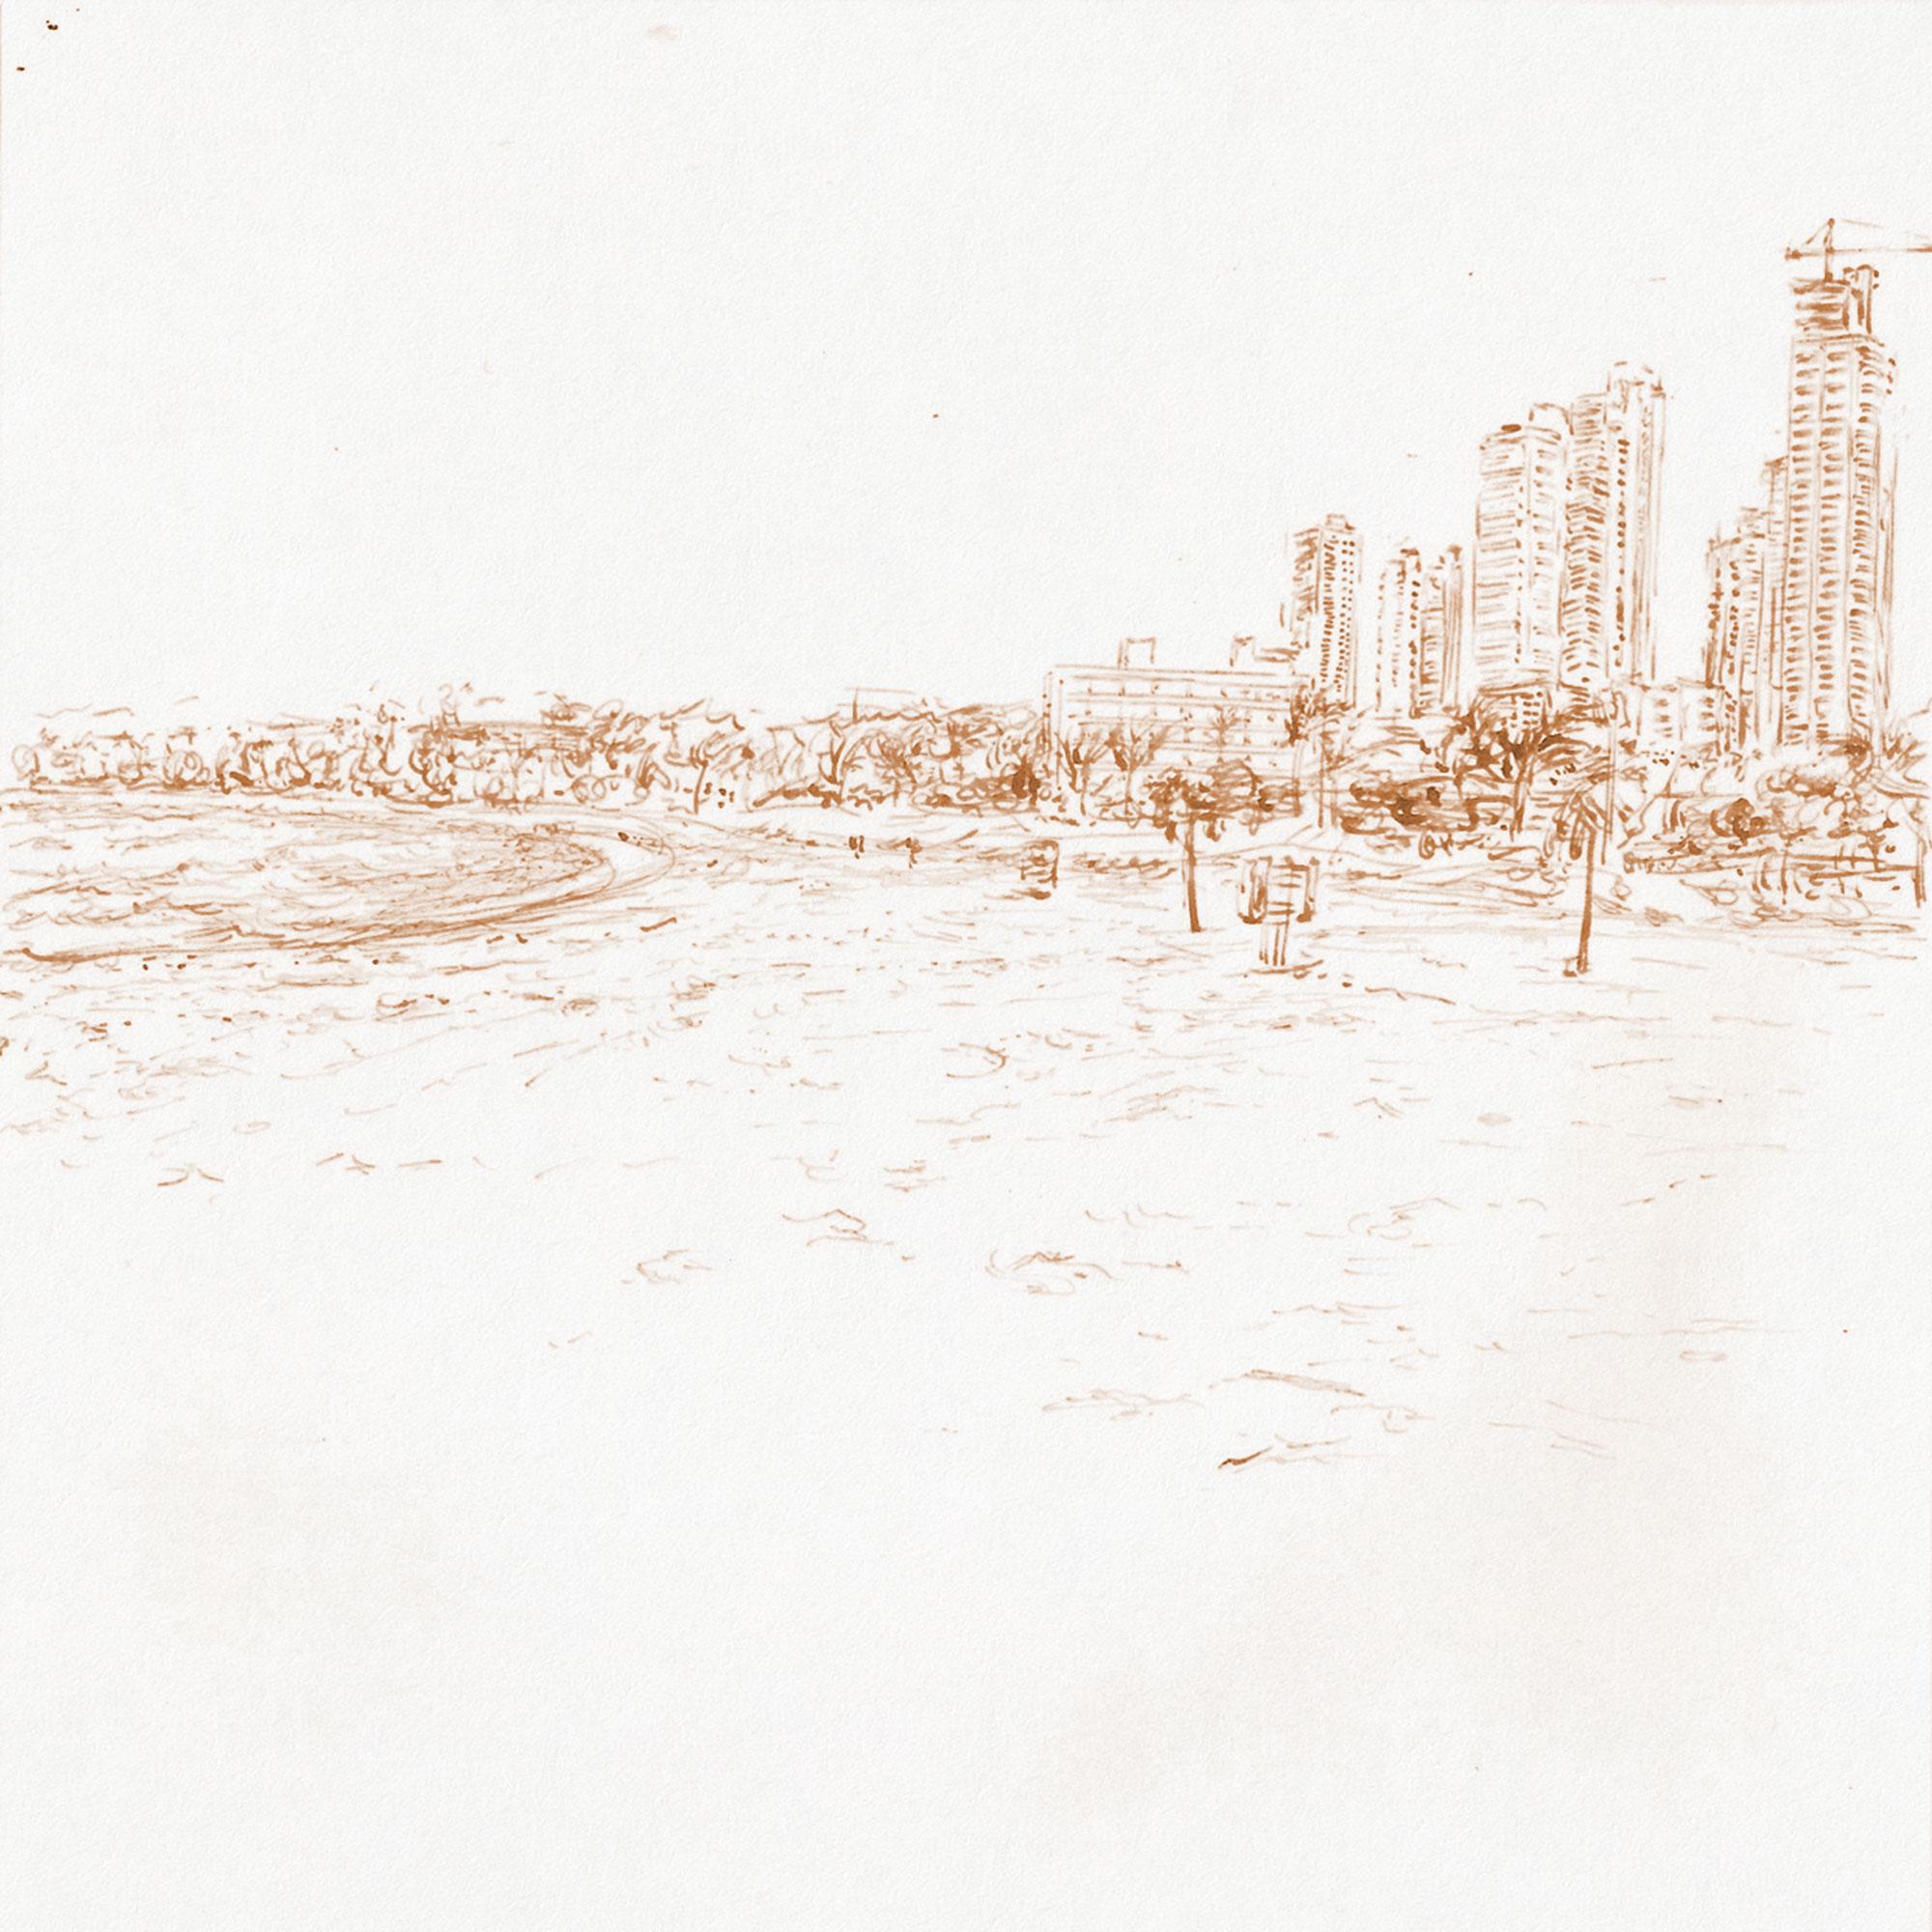 Praia do Cabo Branco João Pessoa Nov 16